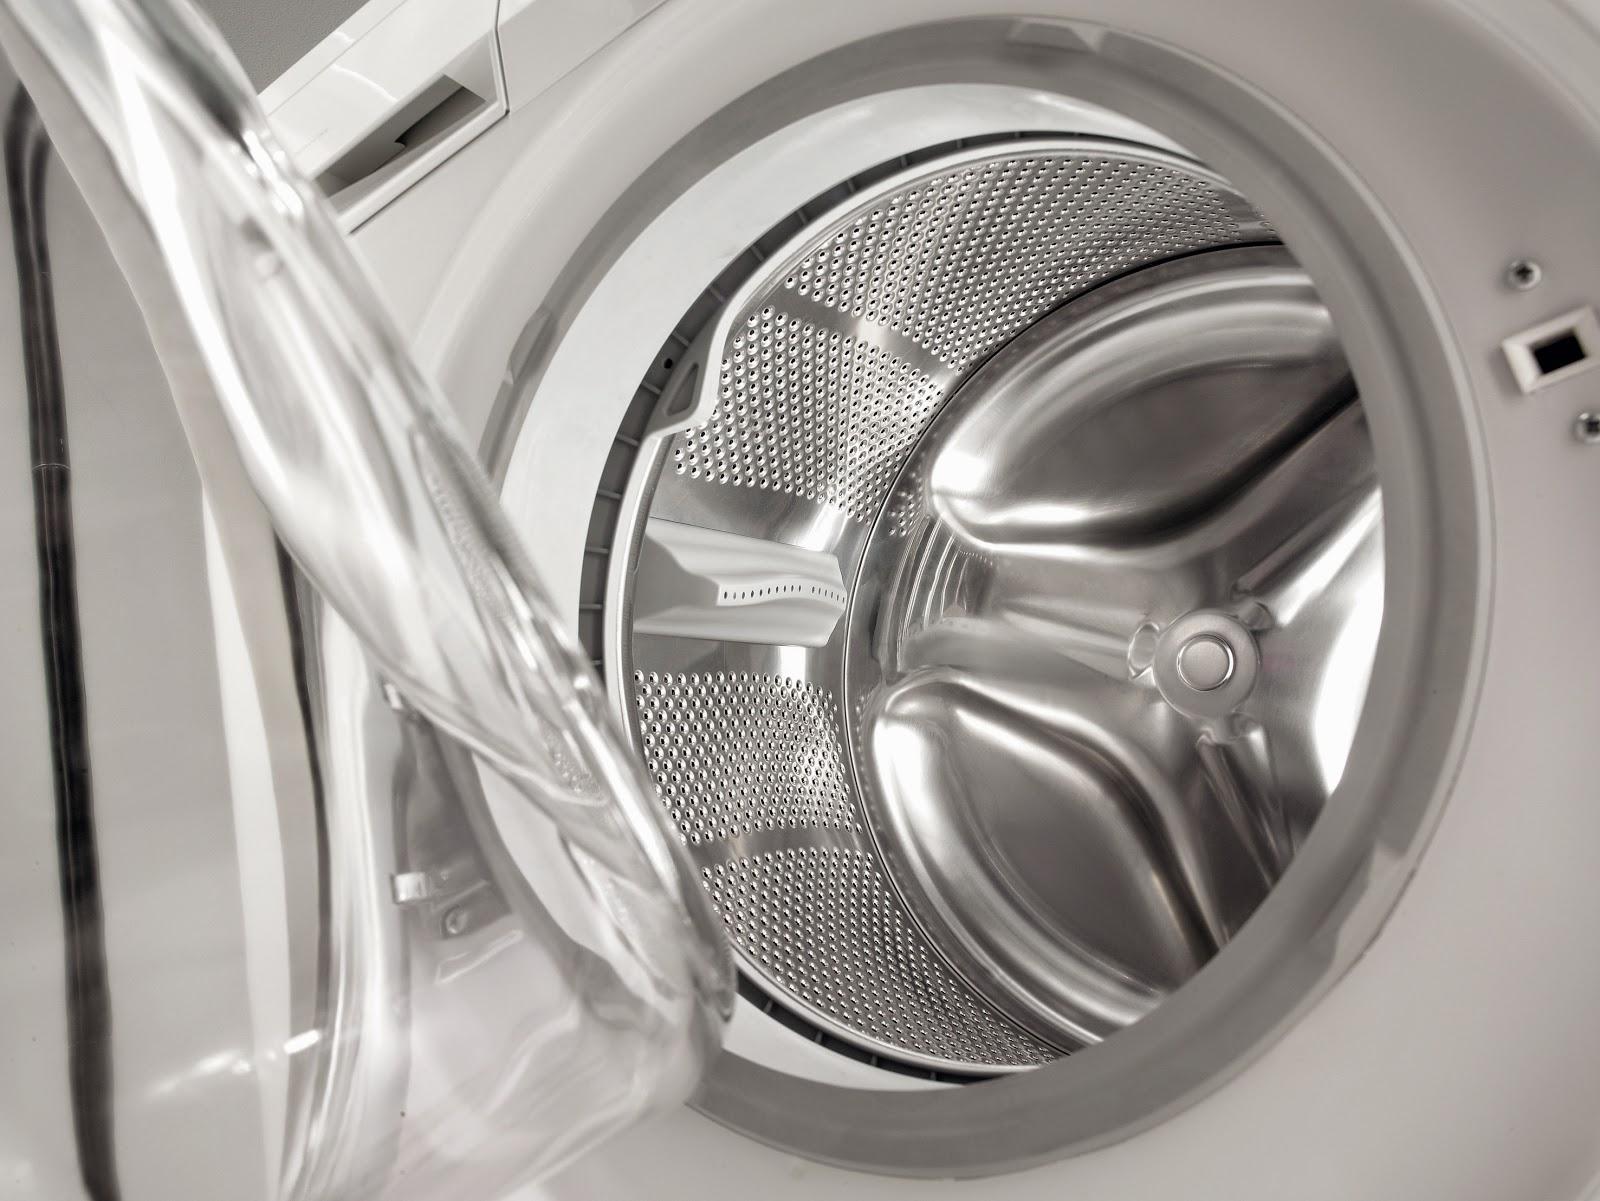 Mauvaises odeurs du lave linge - Mauvaise odeur lave linge vinaigre blanc ...